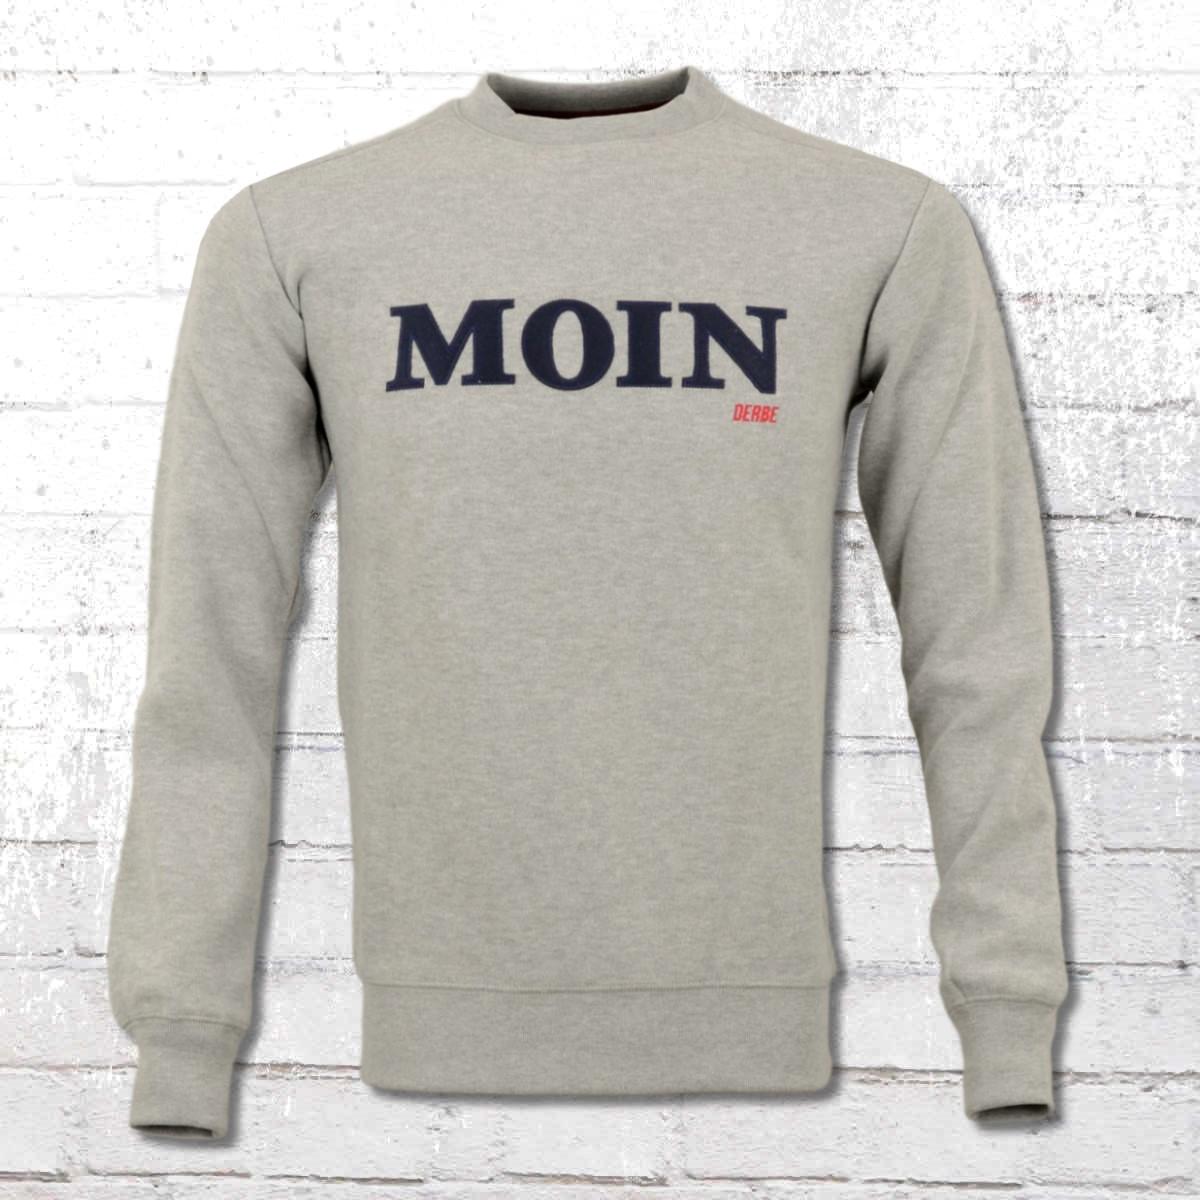 Derbe Hamburg Moin Sweater Herren James grau